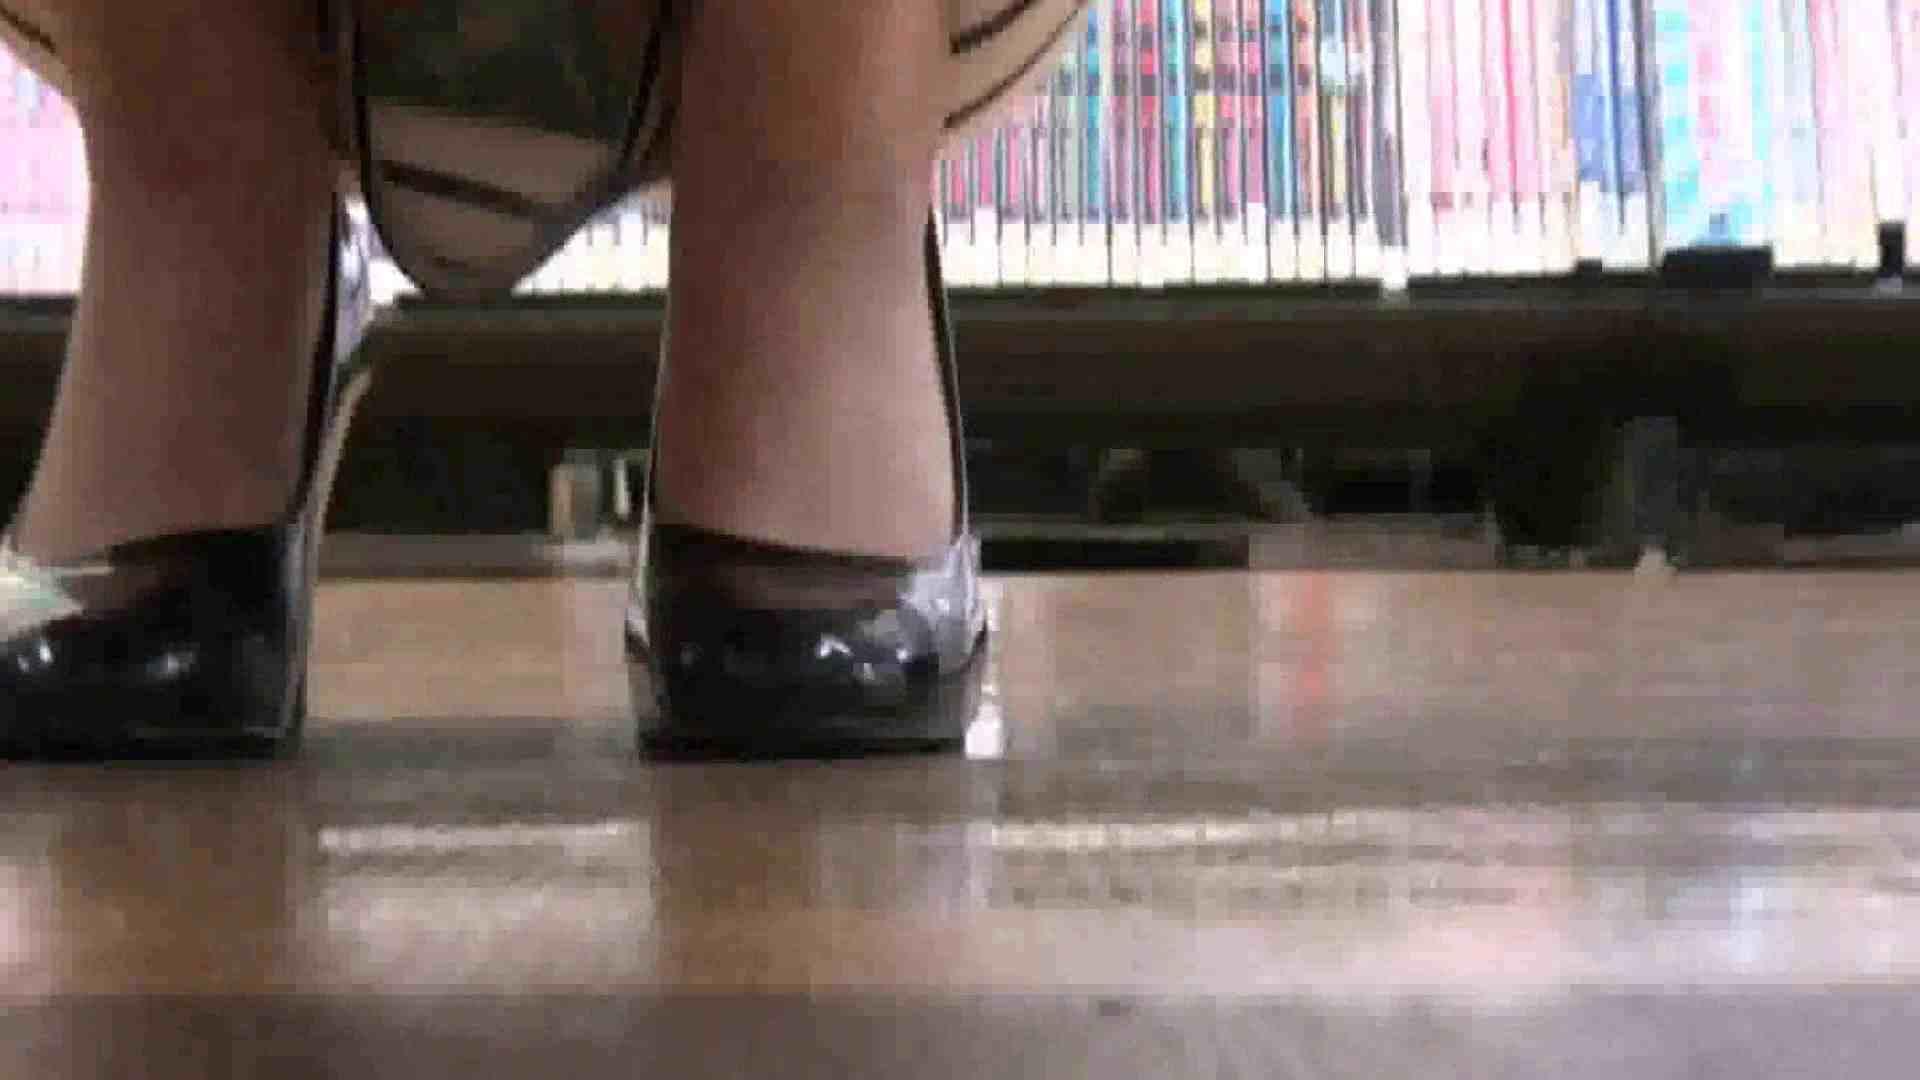 真剣に買い物中のgal達を上から下から狙います。vol.01 HなOL | JKヌード  102pic 85